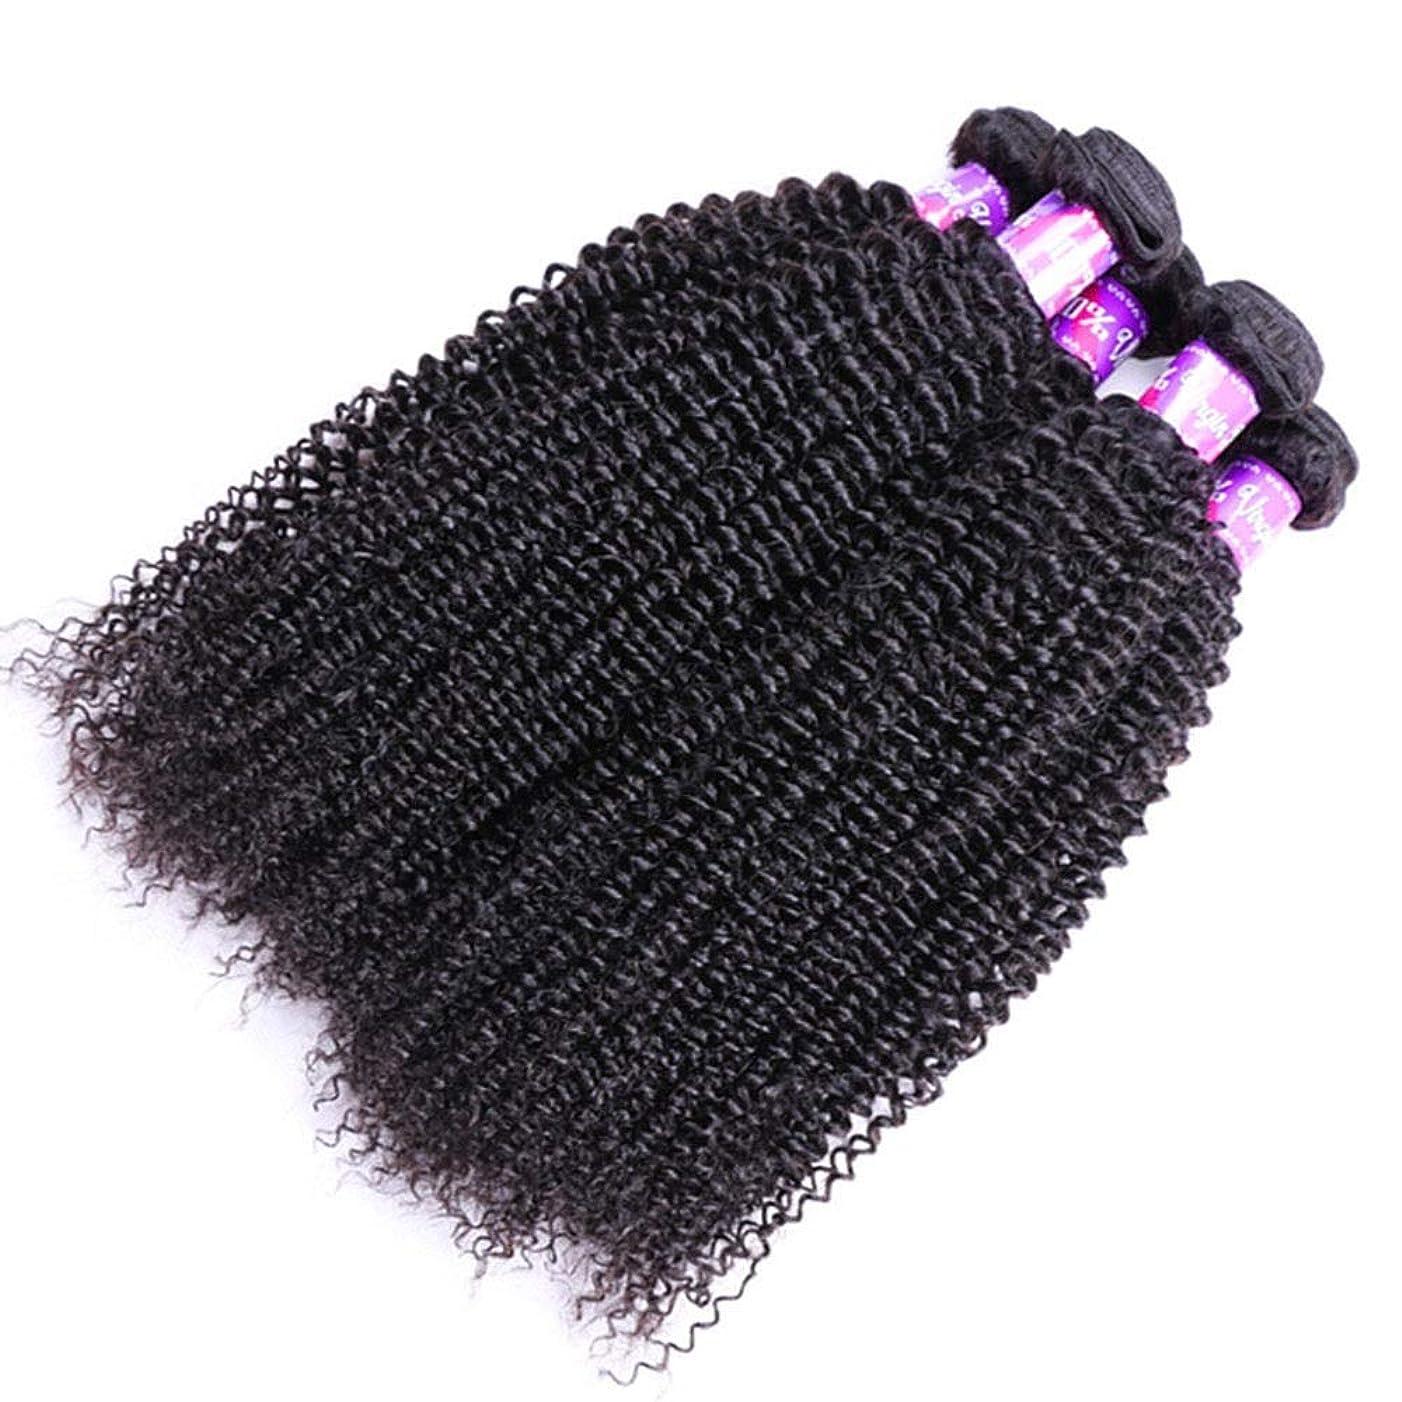 落ちたサワーおとなしいYrattary ブラジルの変態巻き毛の束100%の未処理のRemy人間の毛髪の拡張子深い巻き毛の織り方自然な黒い色女性複合かつらレースかつらロールプレイングかつら (色 : 黒, サイズ : 16 inch)